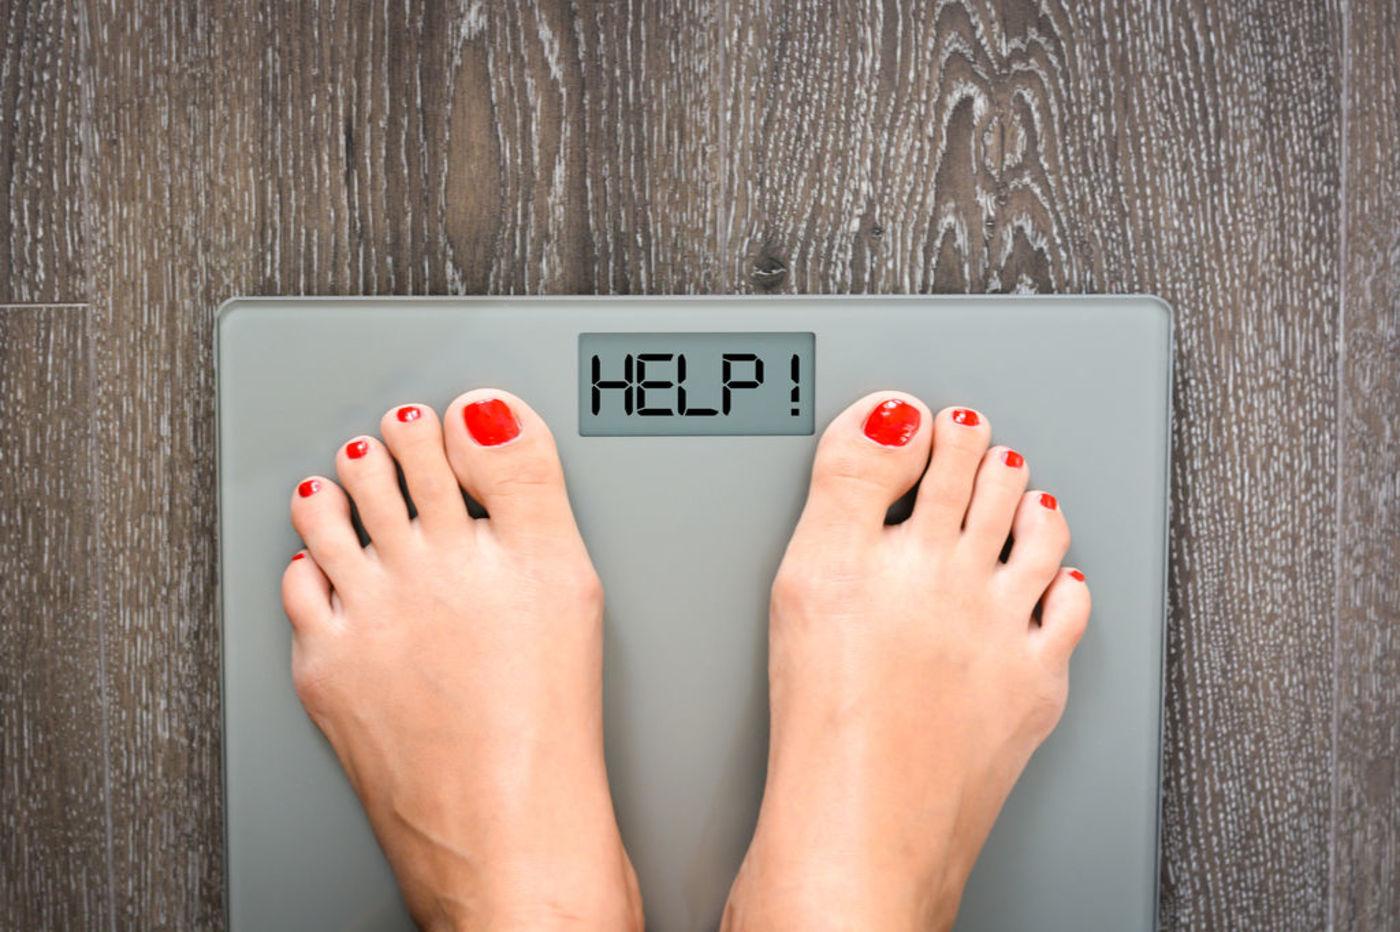 Puis je perdre du poids avec 1 heure de stepper par jour